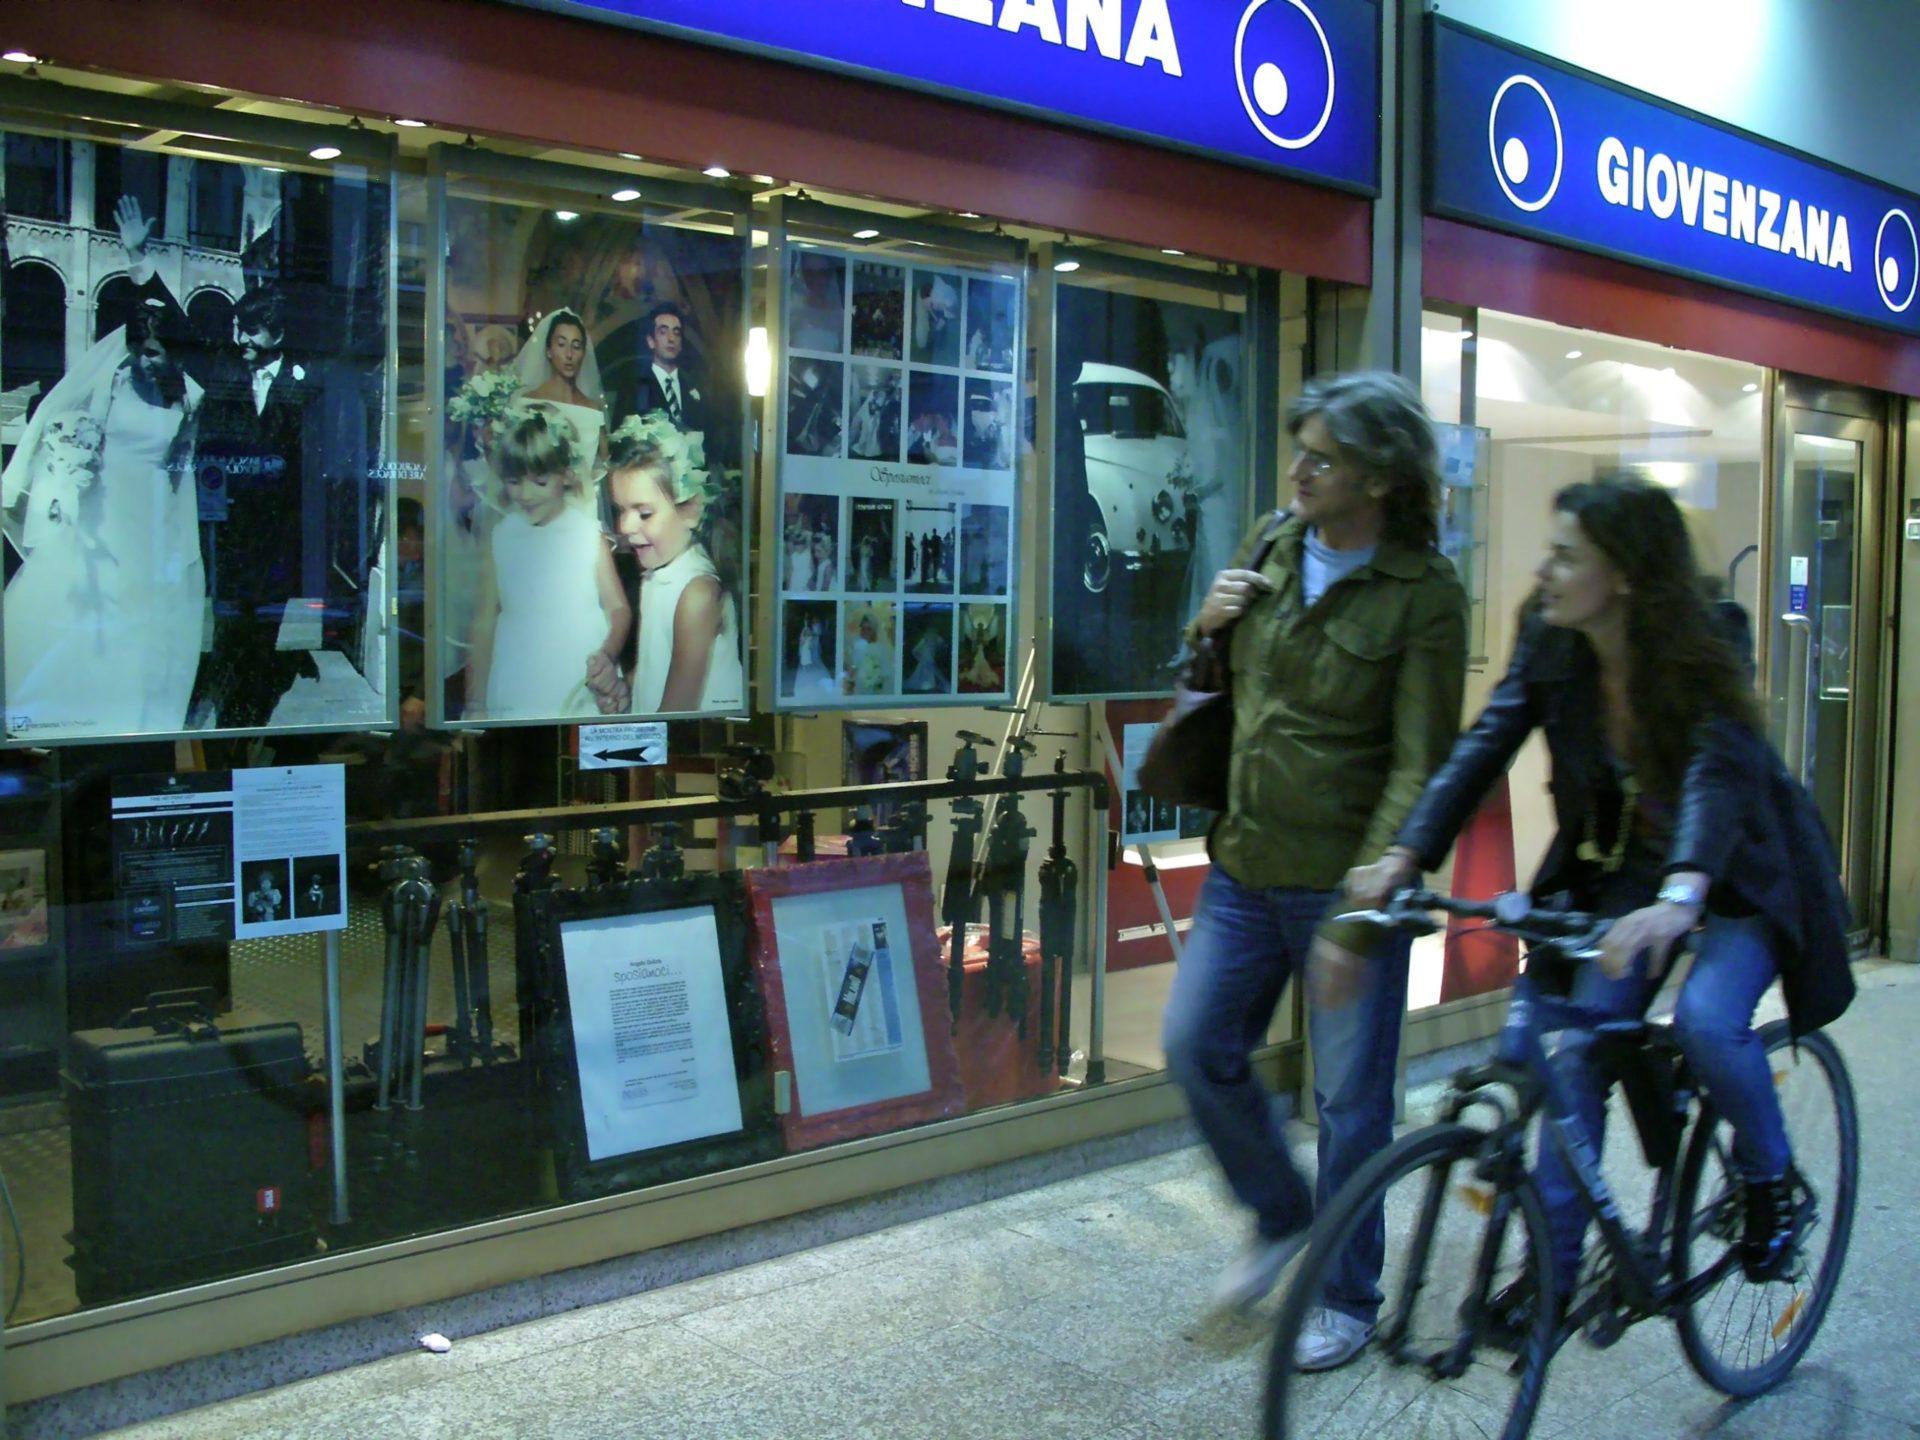 01 Alberto Dubini noi no scatto per mostra fotografica 2009 GIOVENZANA DINTORNI negozio Largo Augusto scaled - Milano Photofestival